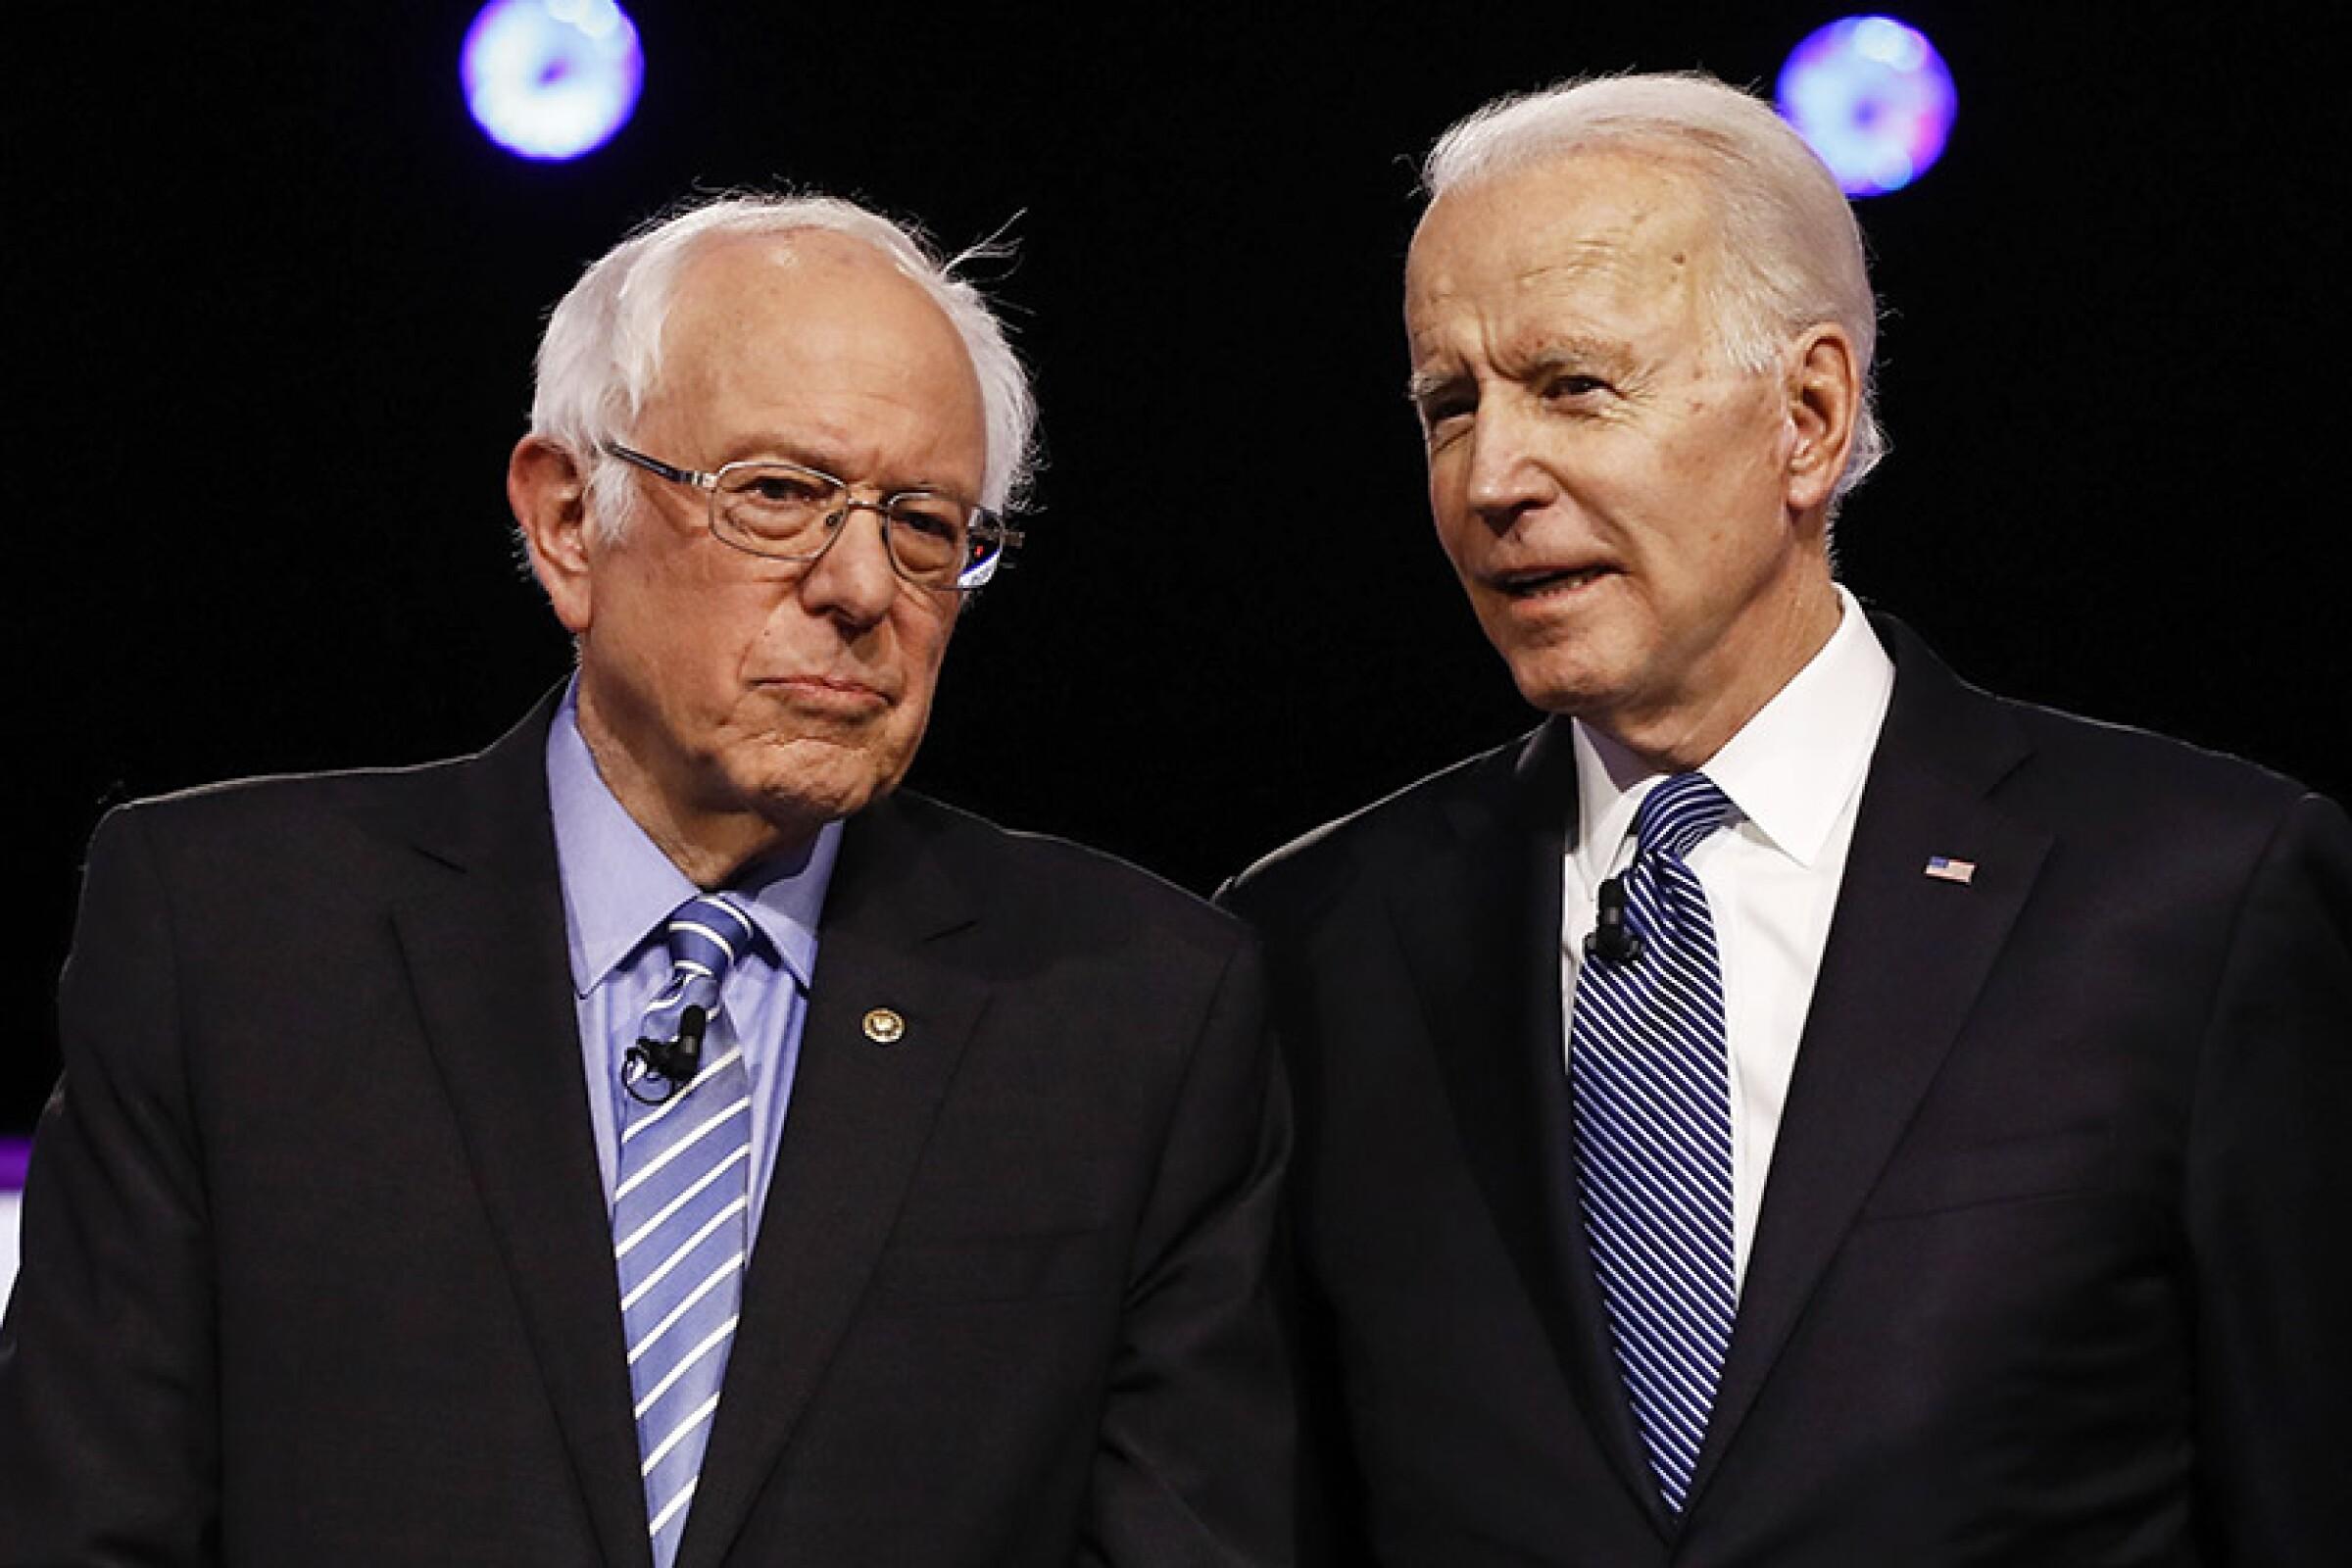 Bernie Sanders, left, and Joe Biden